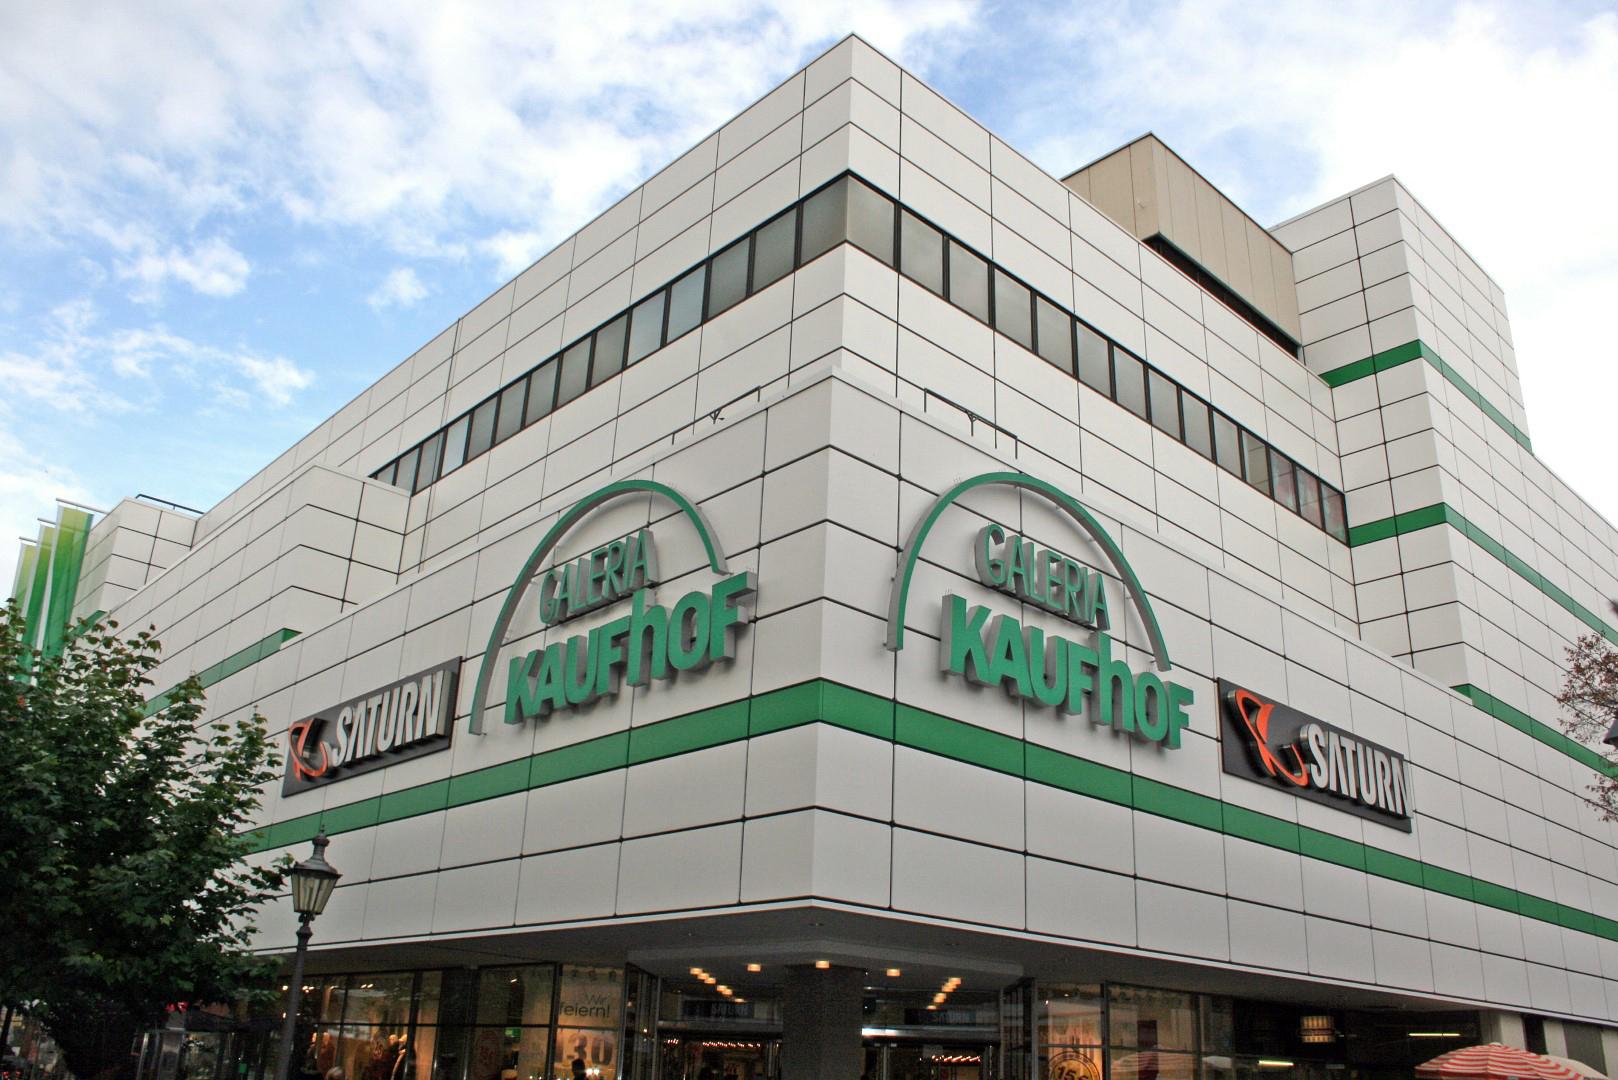 Das Bild zeigt eine Außenansicht vom Galeria Kaufhof in Siegburg